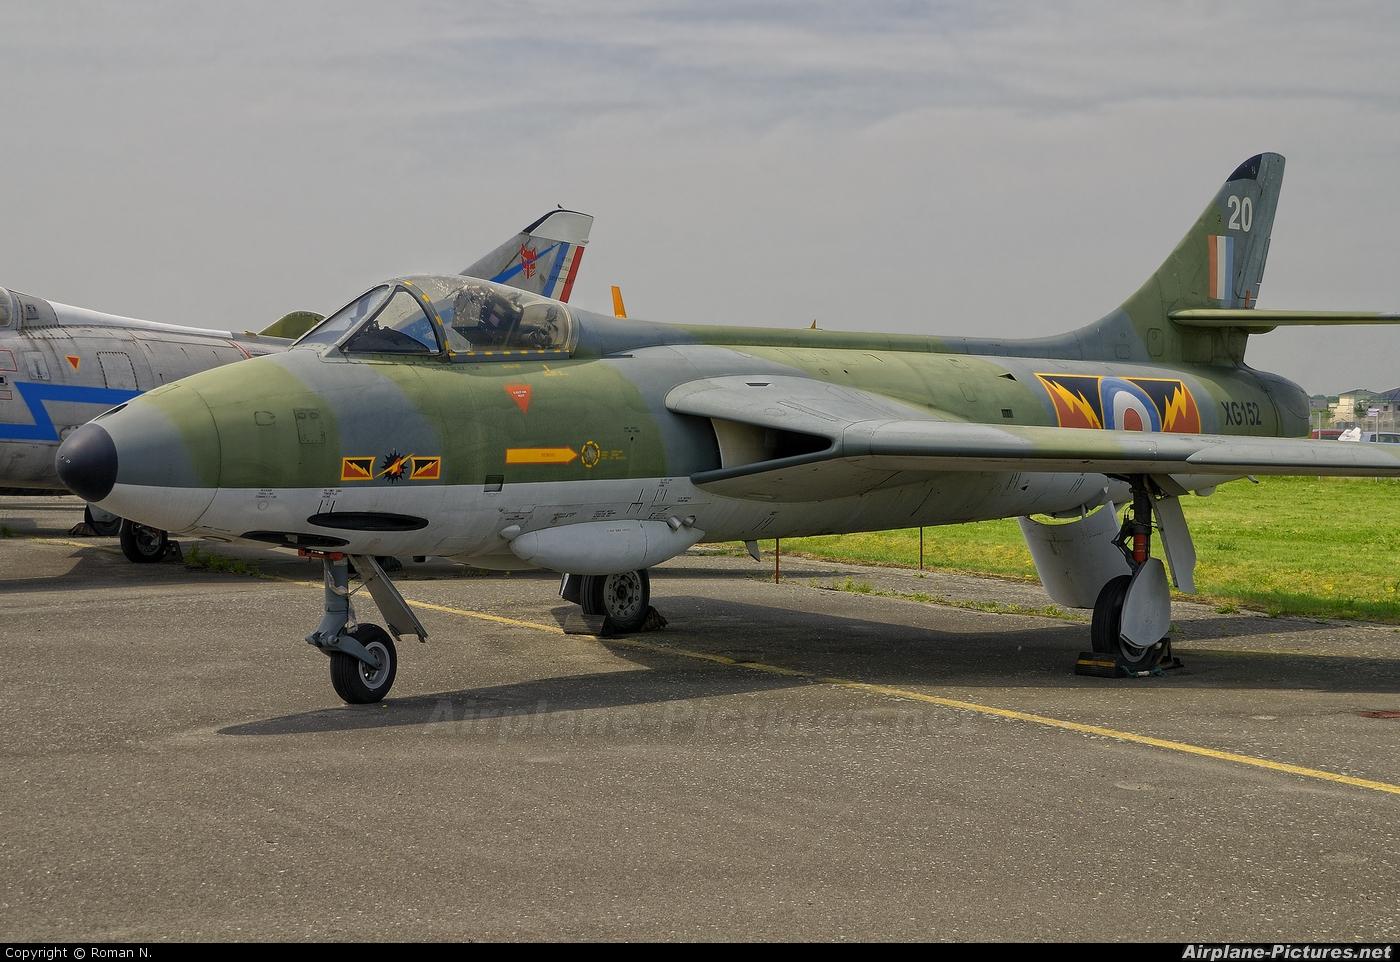 Royal Air Force XG152 aircraft at Berlin - Gatow